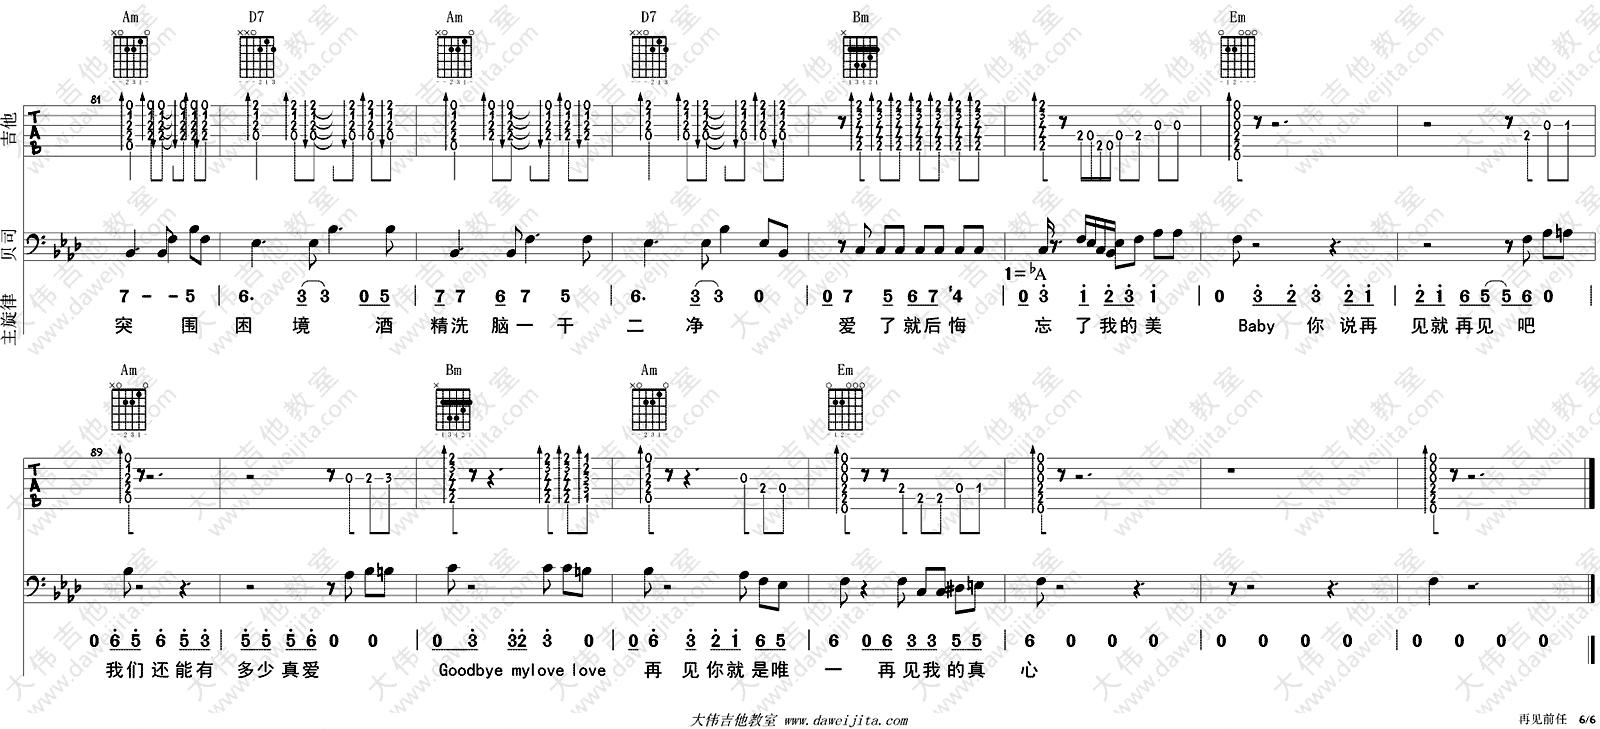 冯提莫《再见前任》吉他谱_六线谱_指弹谱_弹唱谱_G调指法